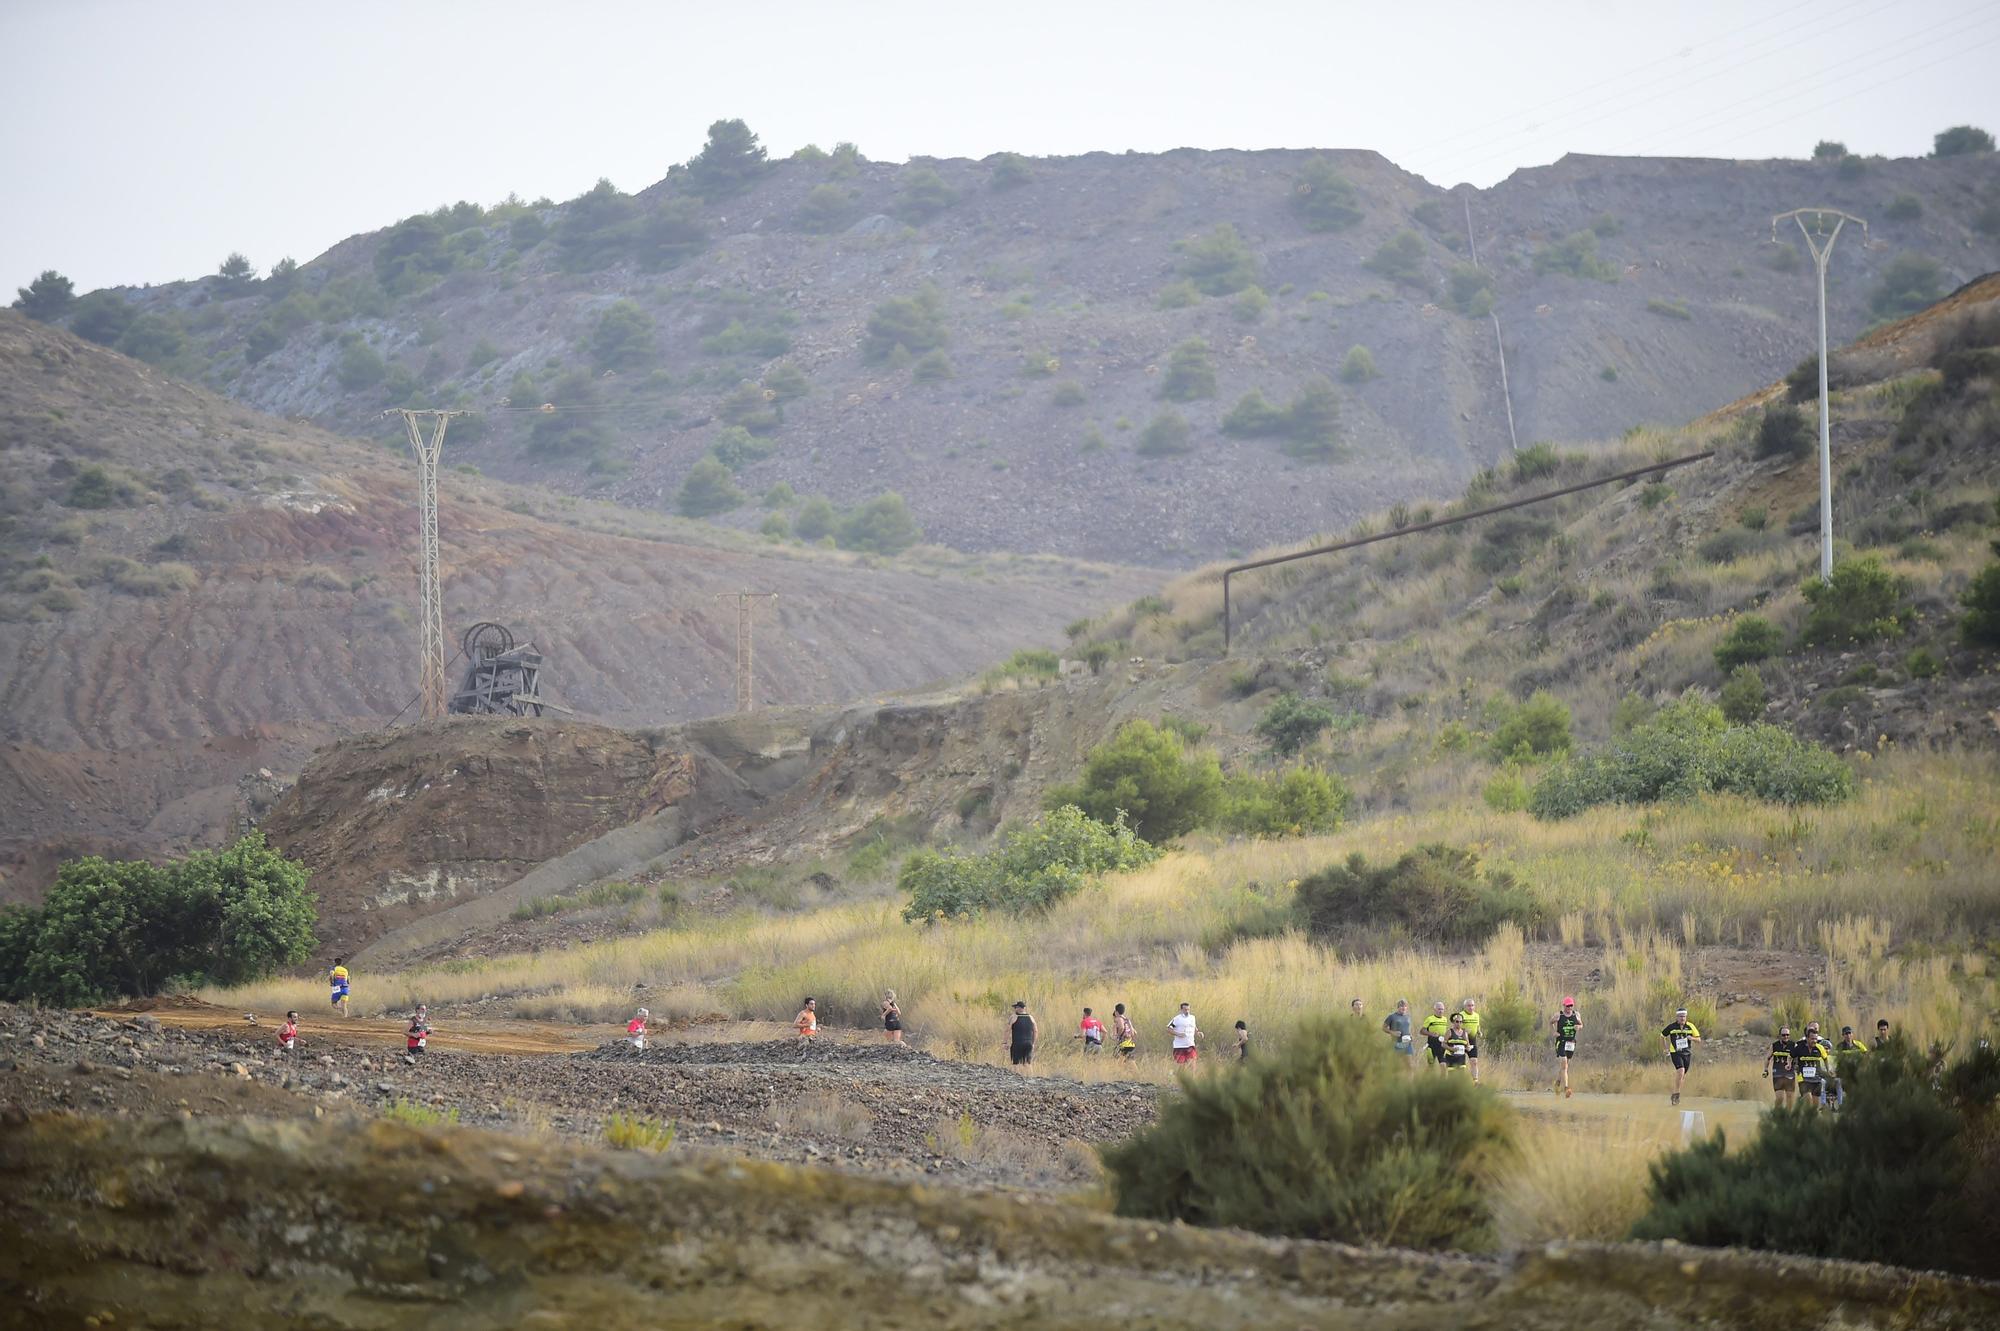 Cross minero de El Llano del Beal 2021